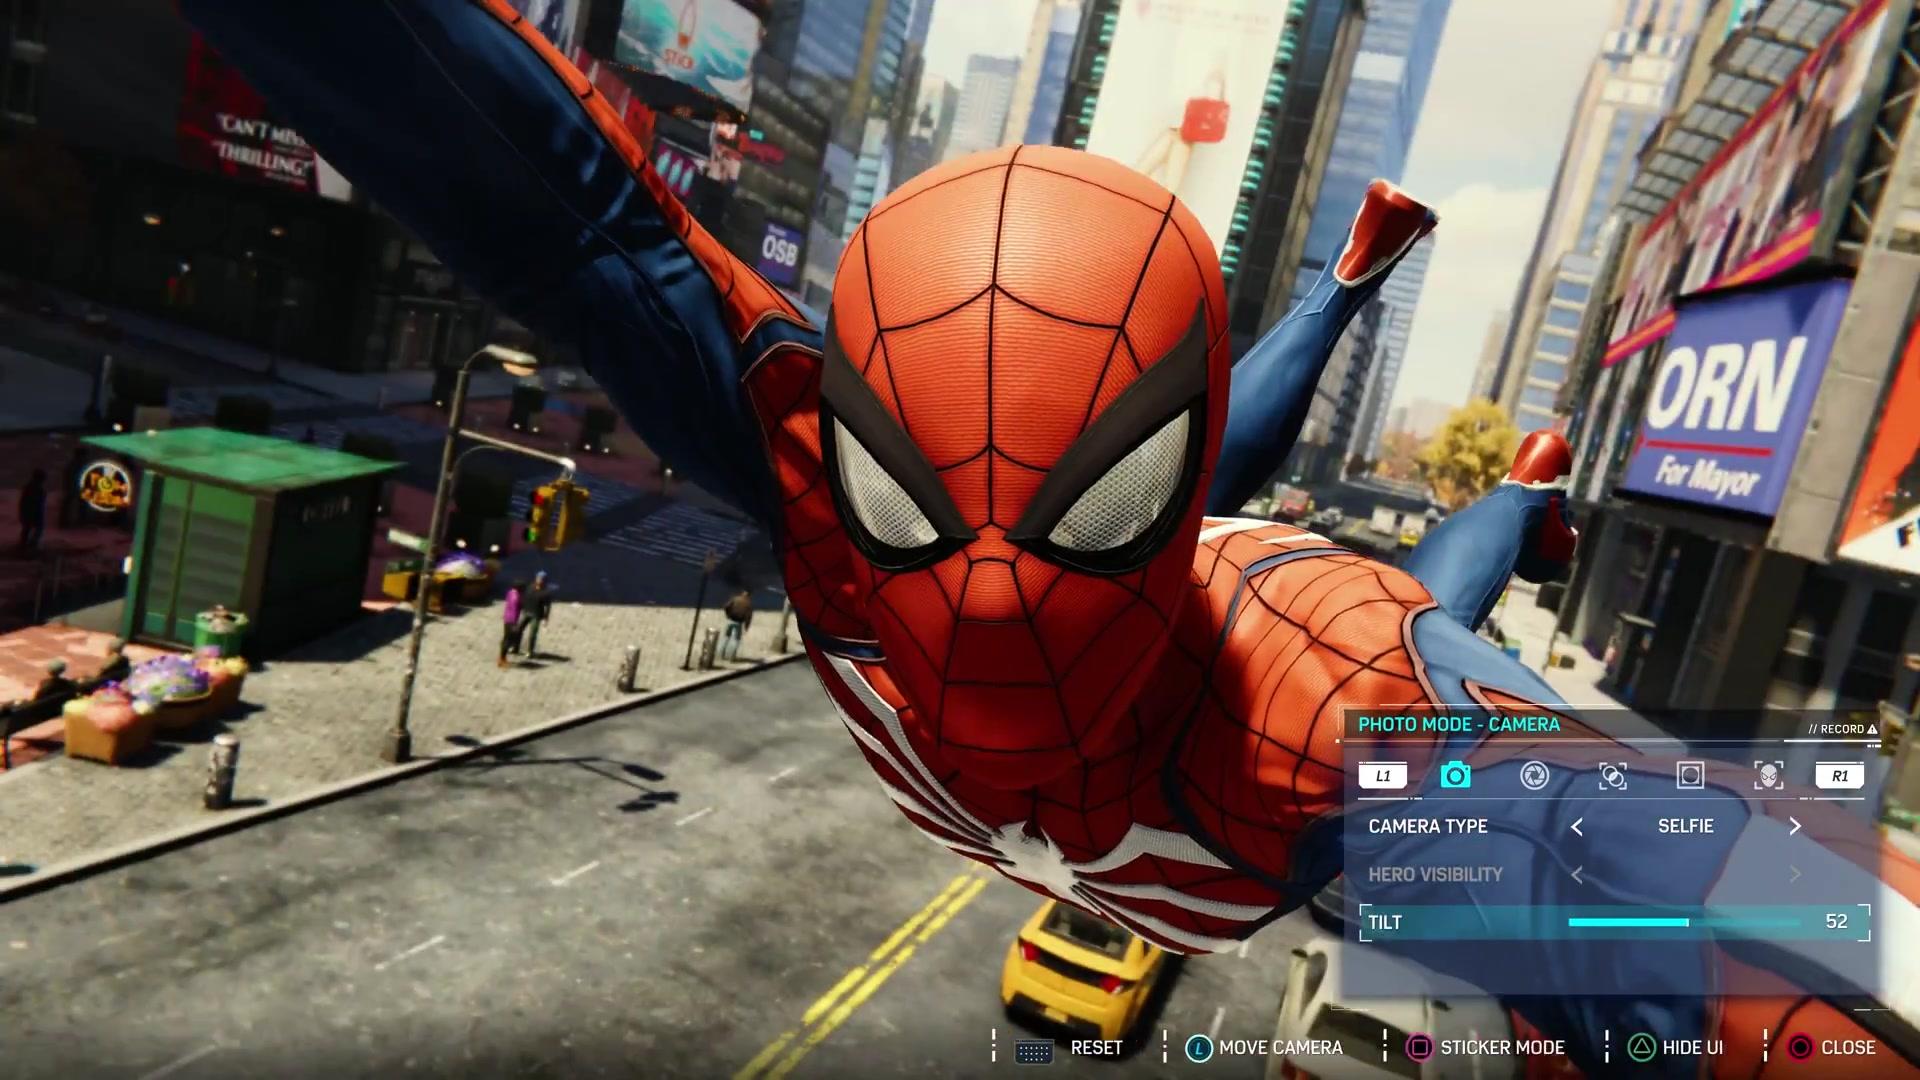 《蜘蛛侠》v风格风格预告片可用漫画书模式查漫画九尾狐古惑仔图片